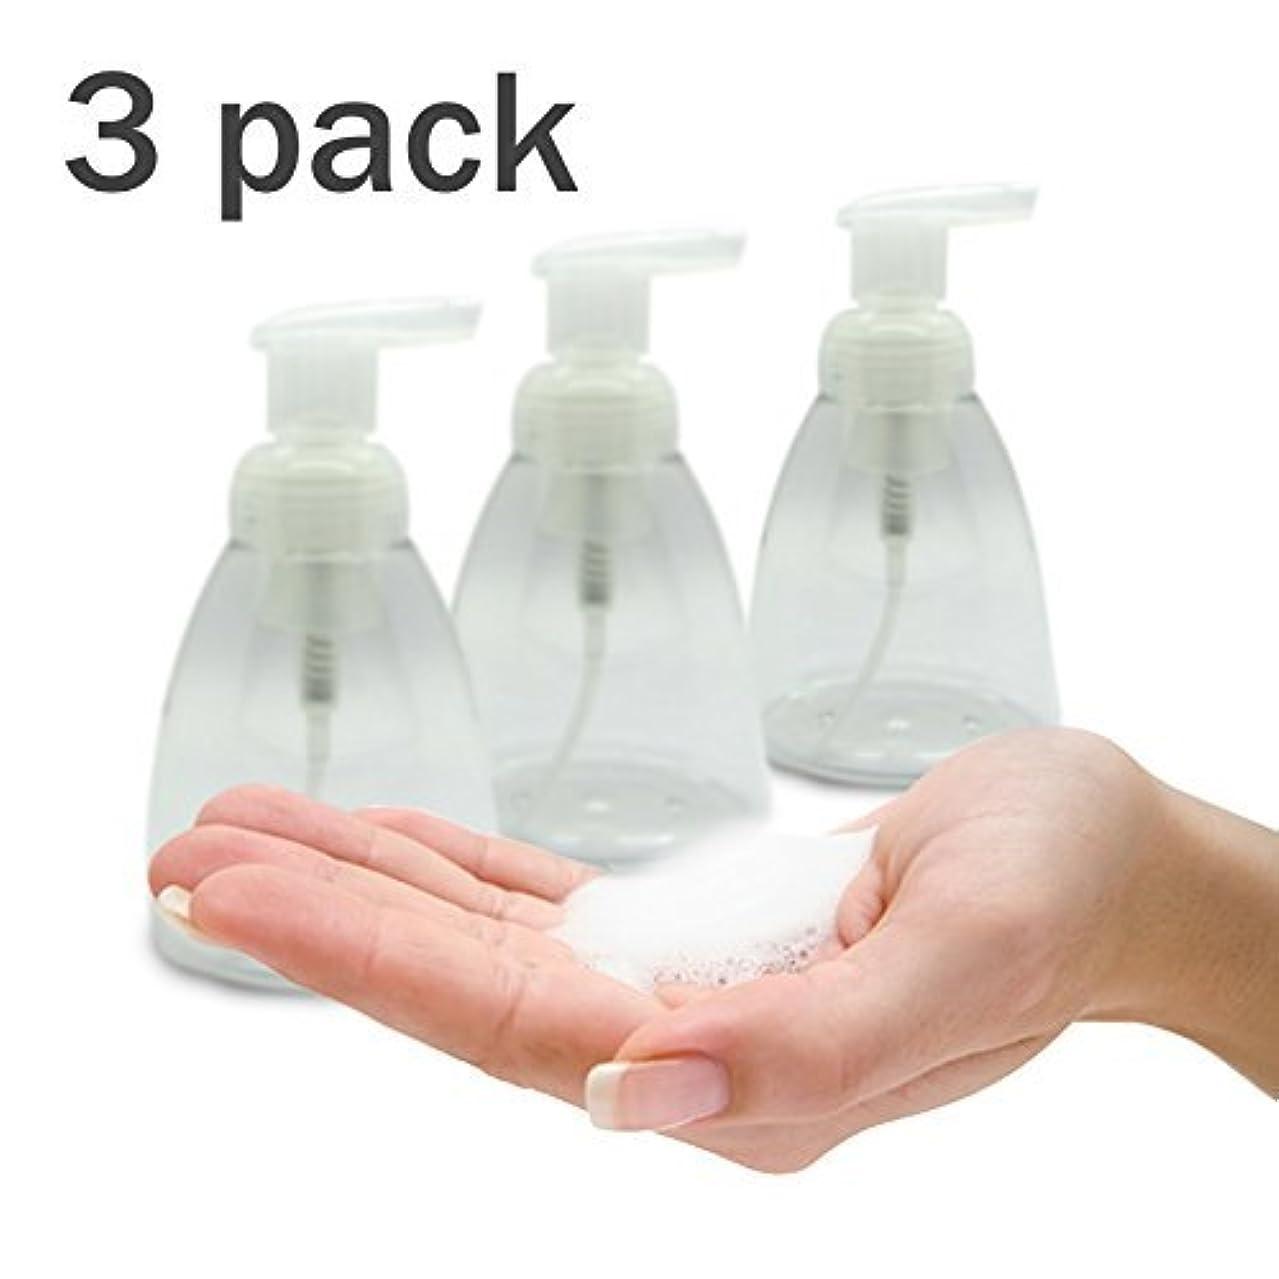 恩赦みなさん今Foaming Soap Dispenser Set of 3 pack 300ml (10 oz) Empty Bottles Hand Soap Liquid Containers. Save Money! Less...